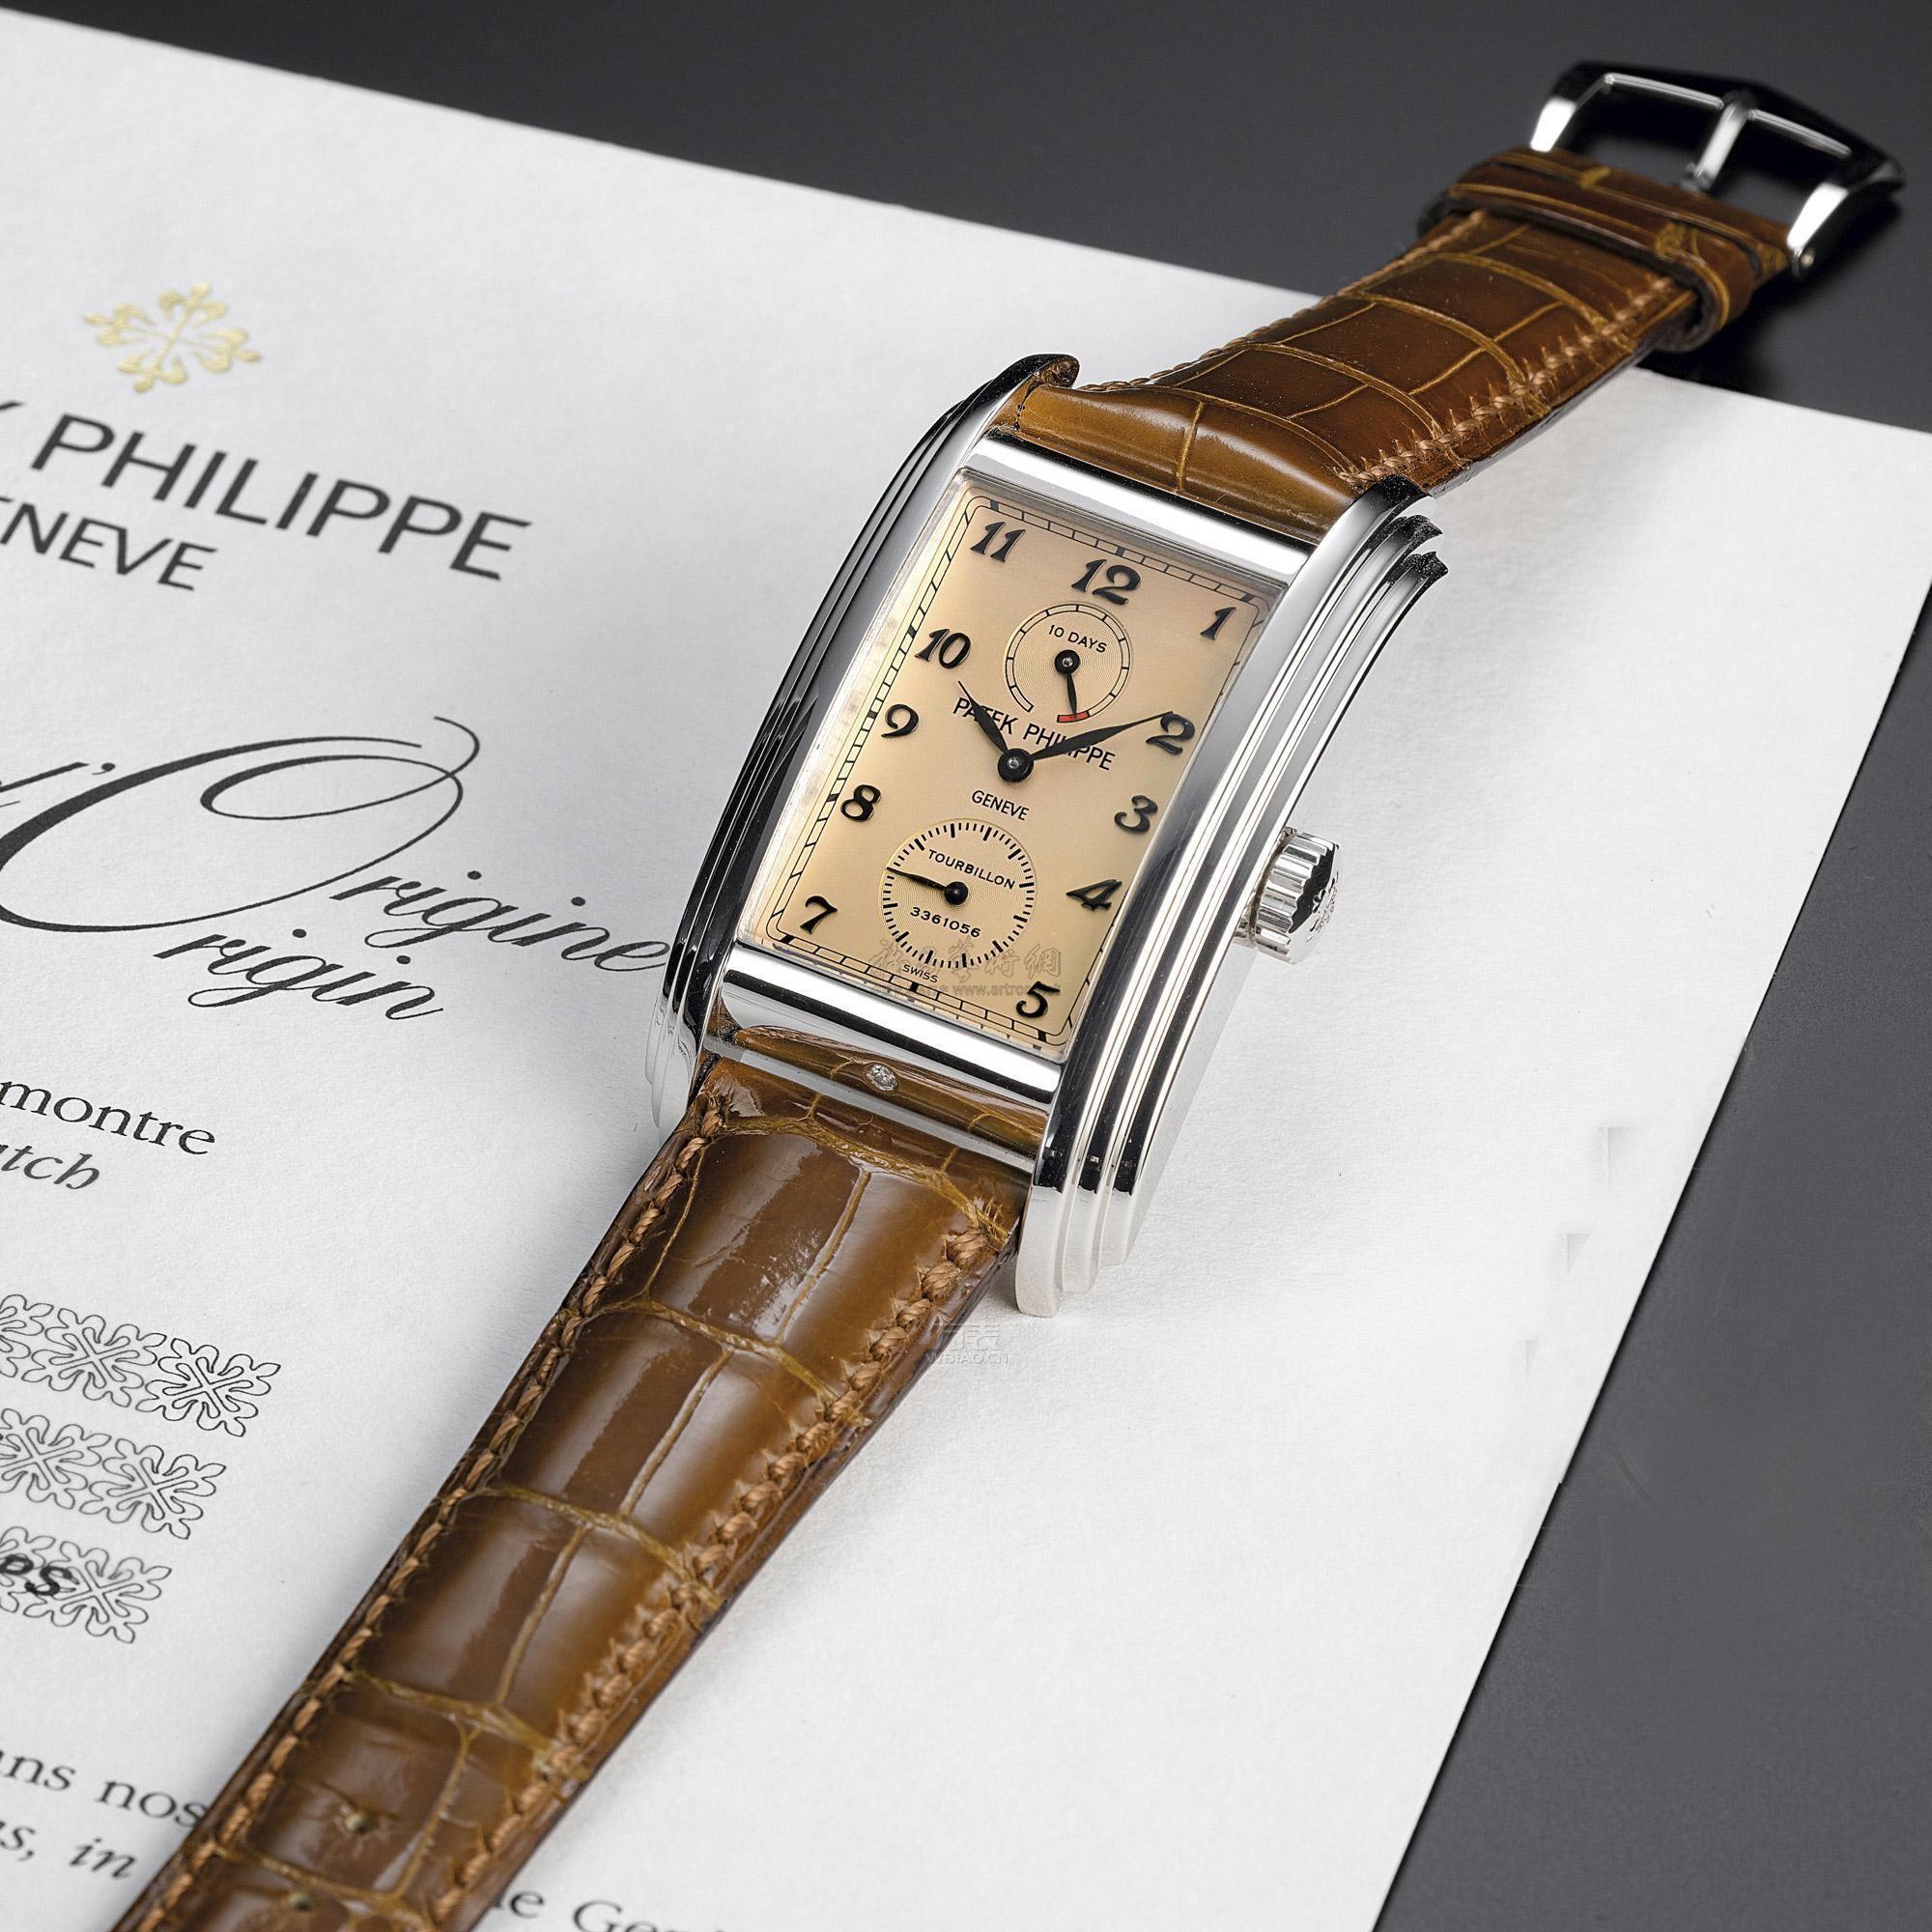 瑞士手表品牌百达翡丽:手表系列介绍,彰显手表中的蓝血贵族